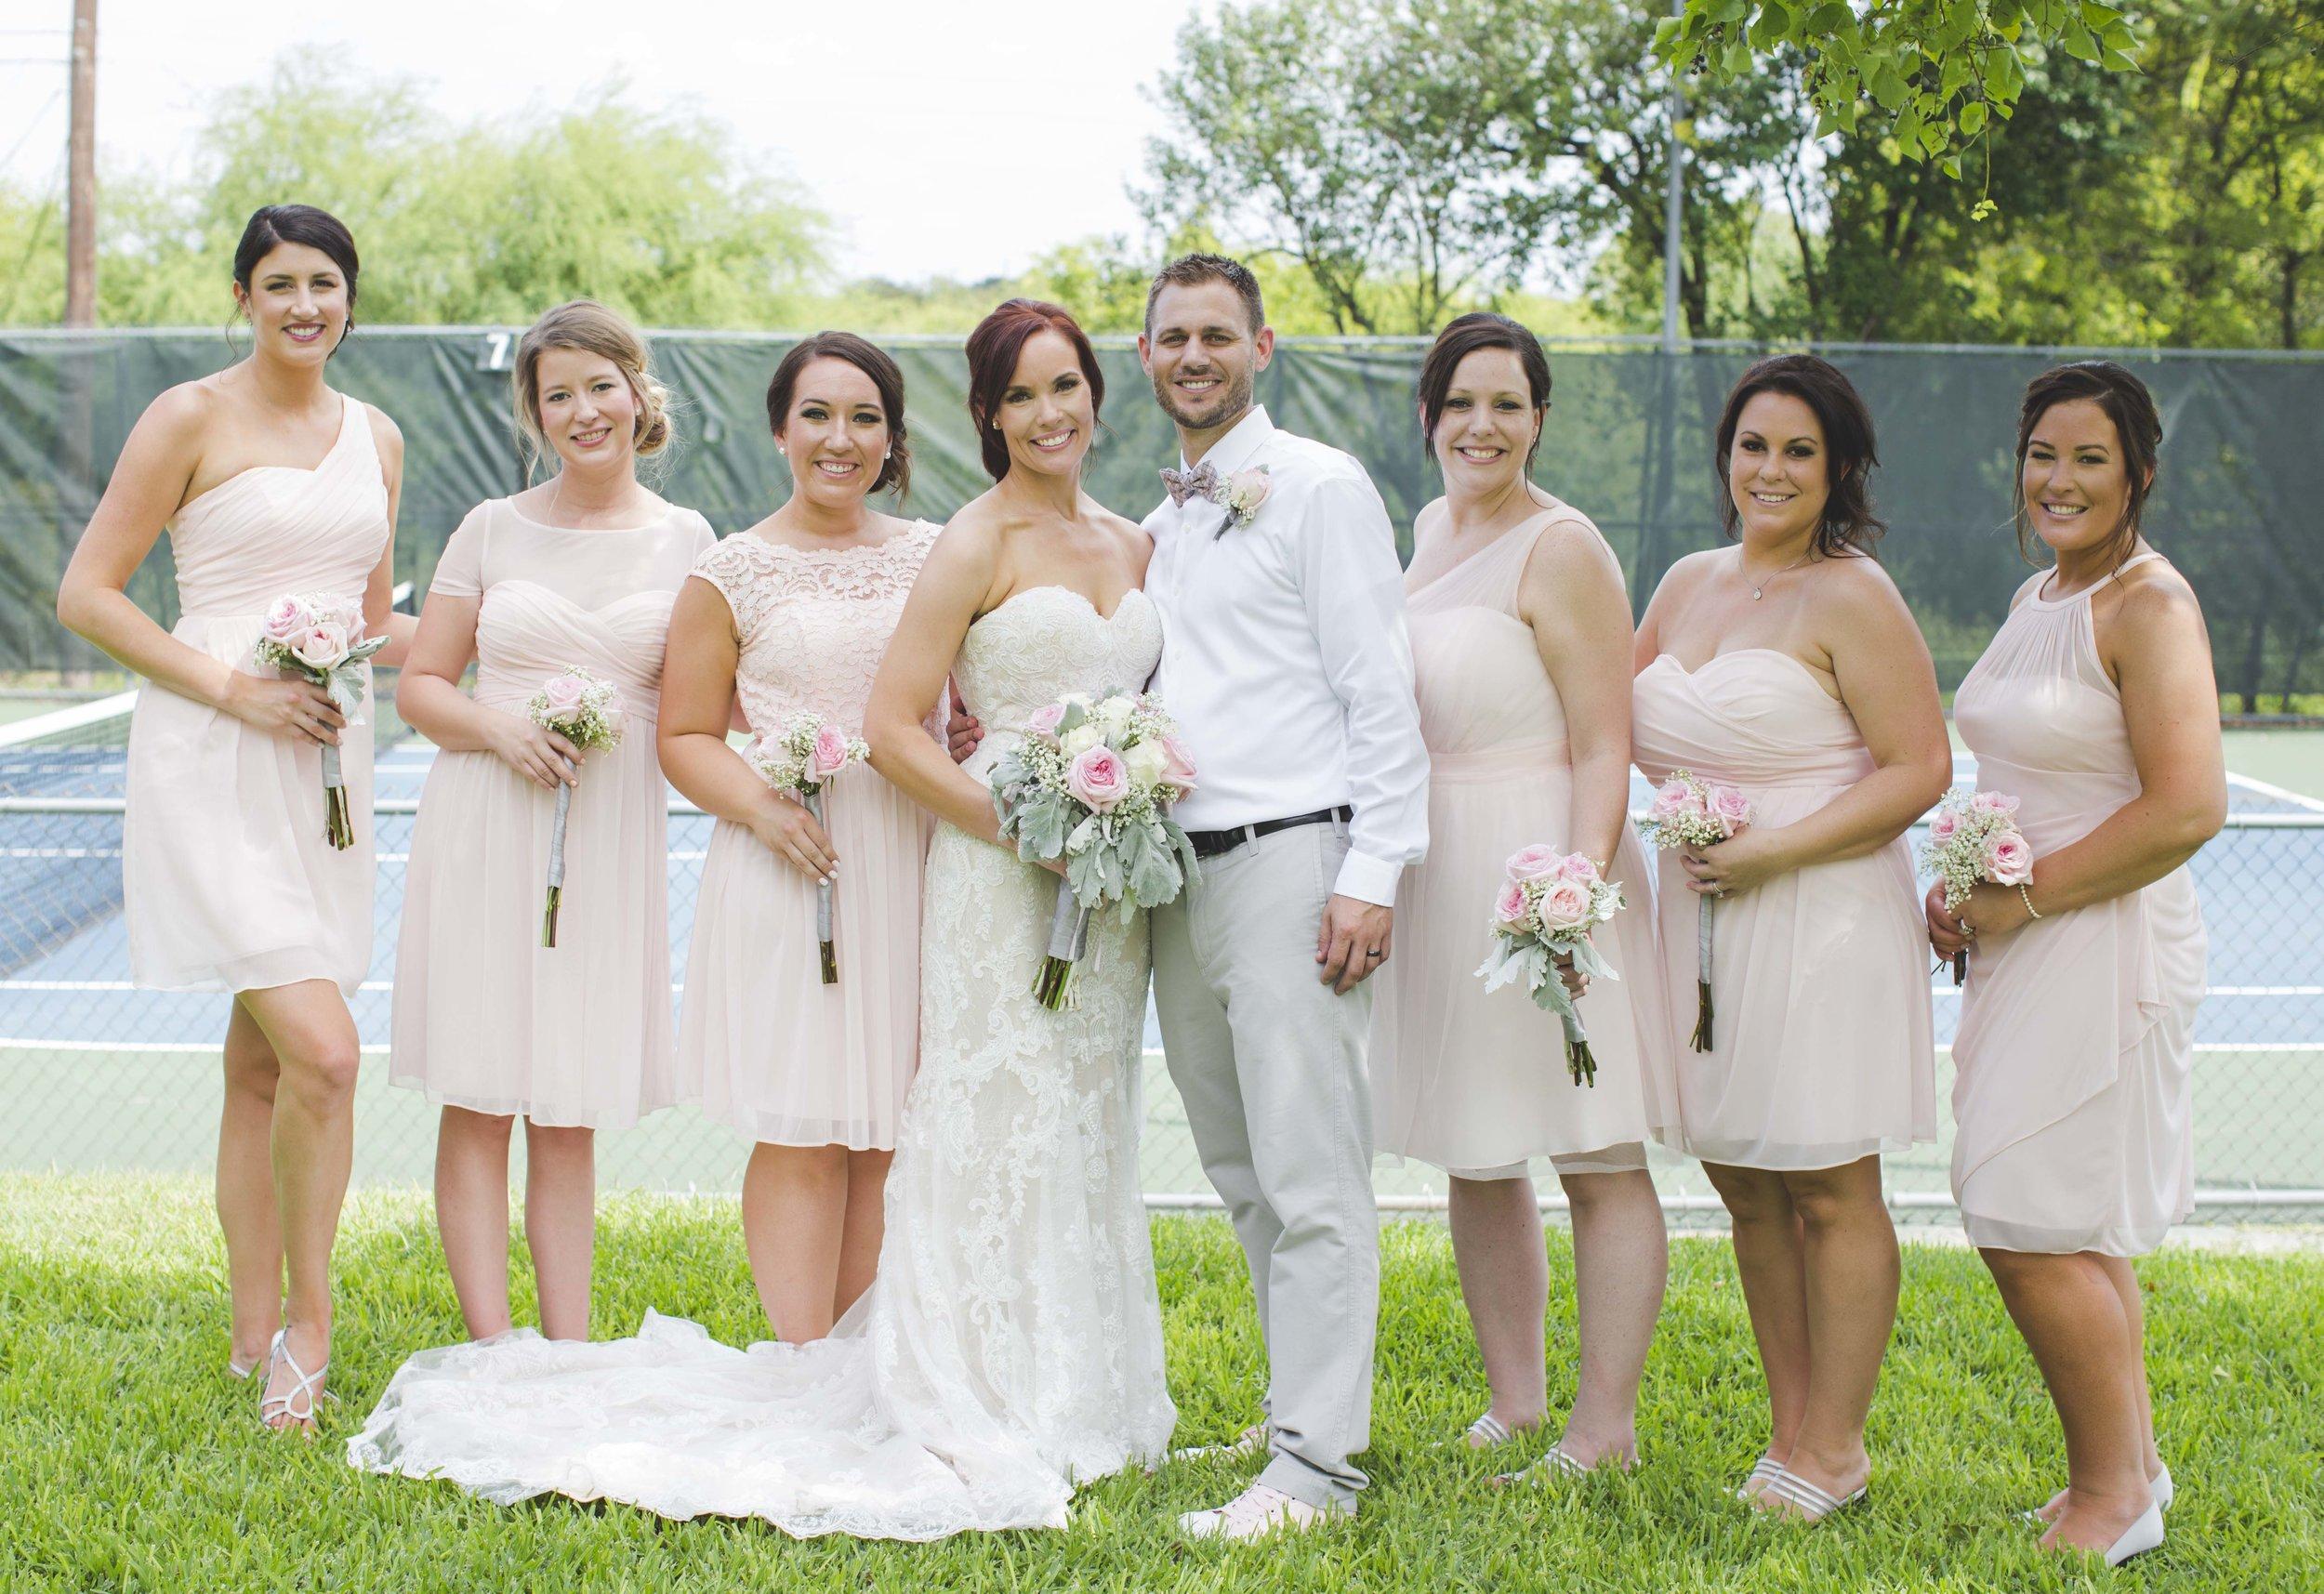 ATGI_Susanna & Matt Wedding_717A8242.jpg